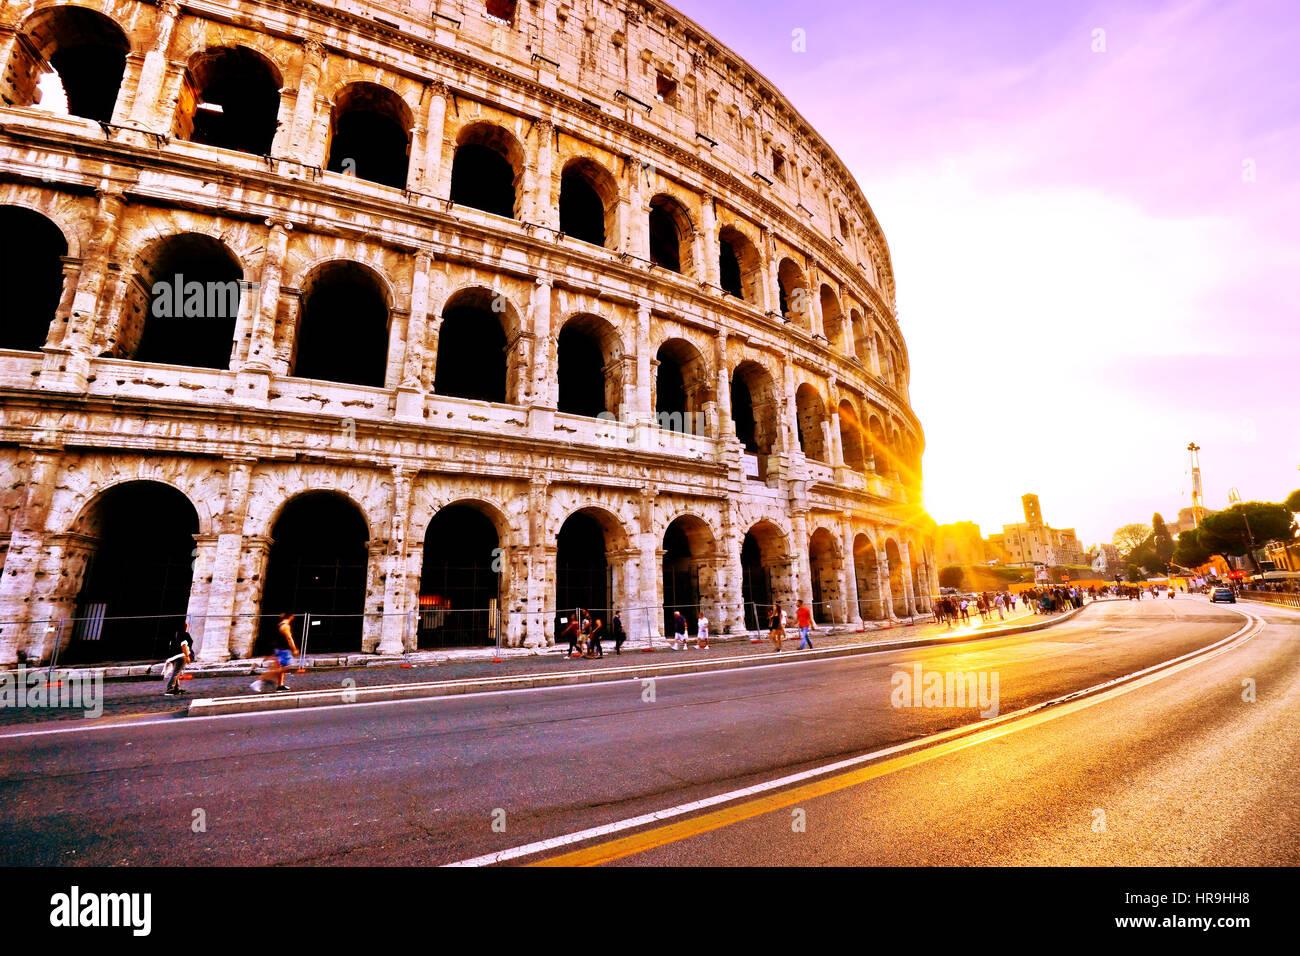 Vue sur le coucher du soleil au Colisée à Rome, Italie. Photo Stock